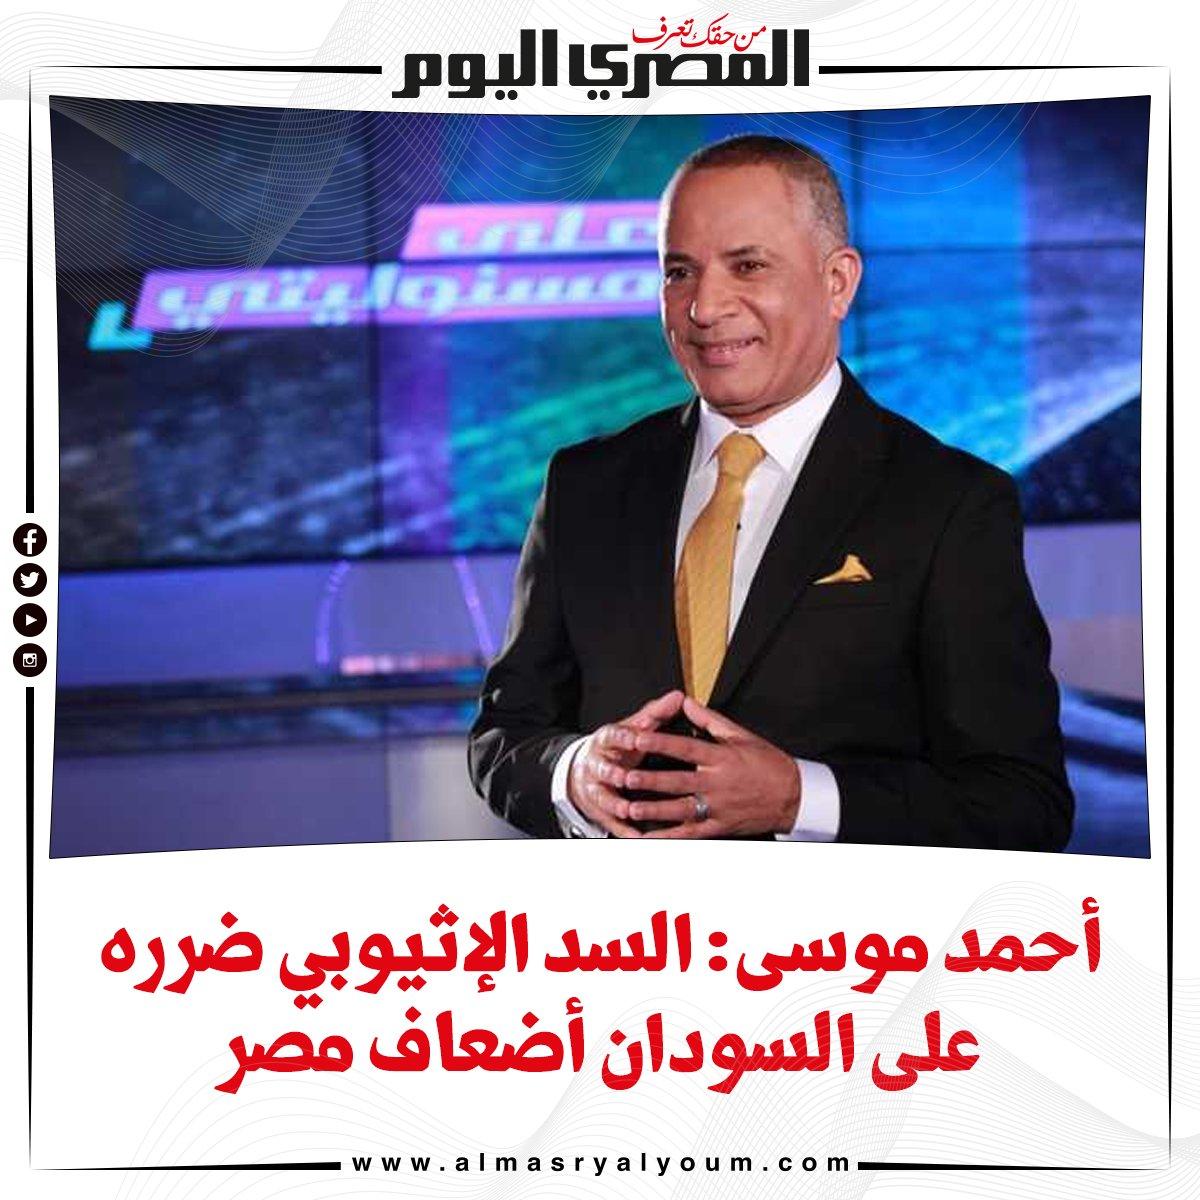 أحمد موسى السد الإثيوبي ضرره على السودان أضعاف مصر